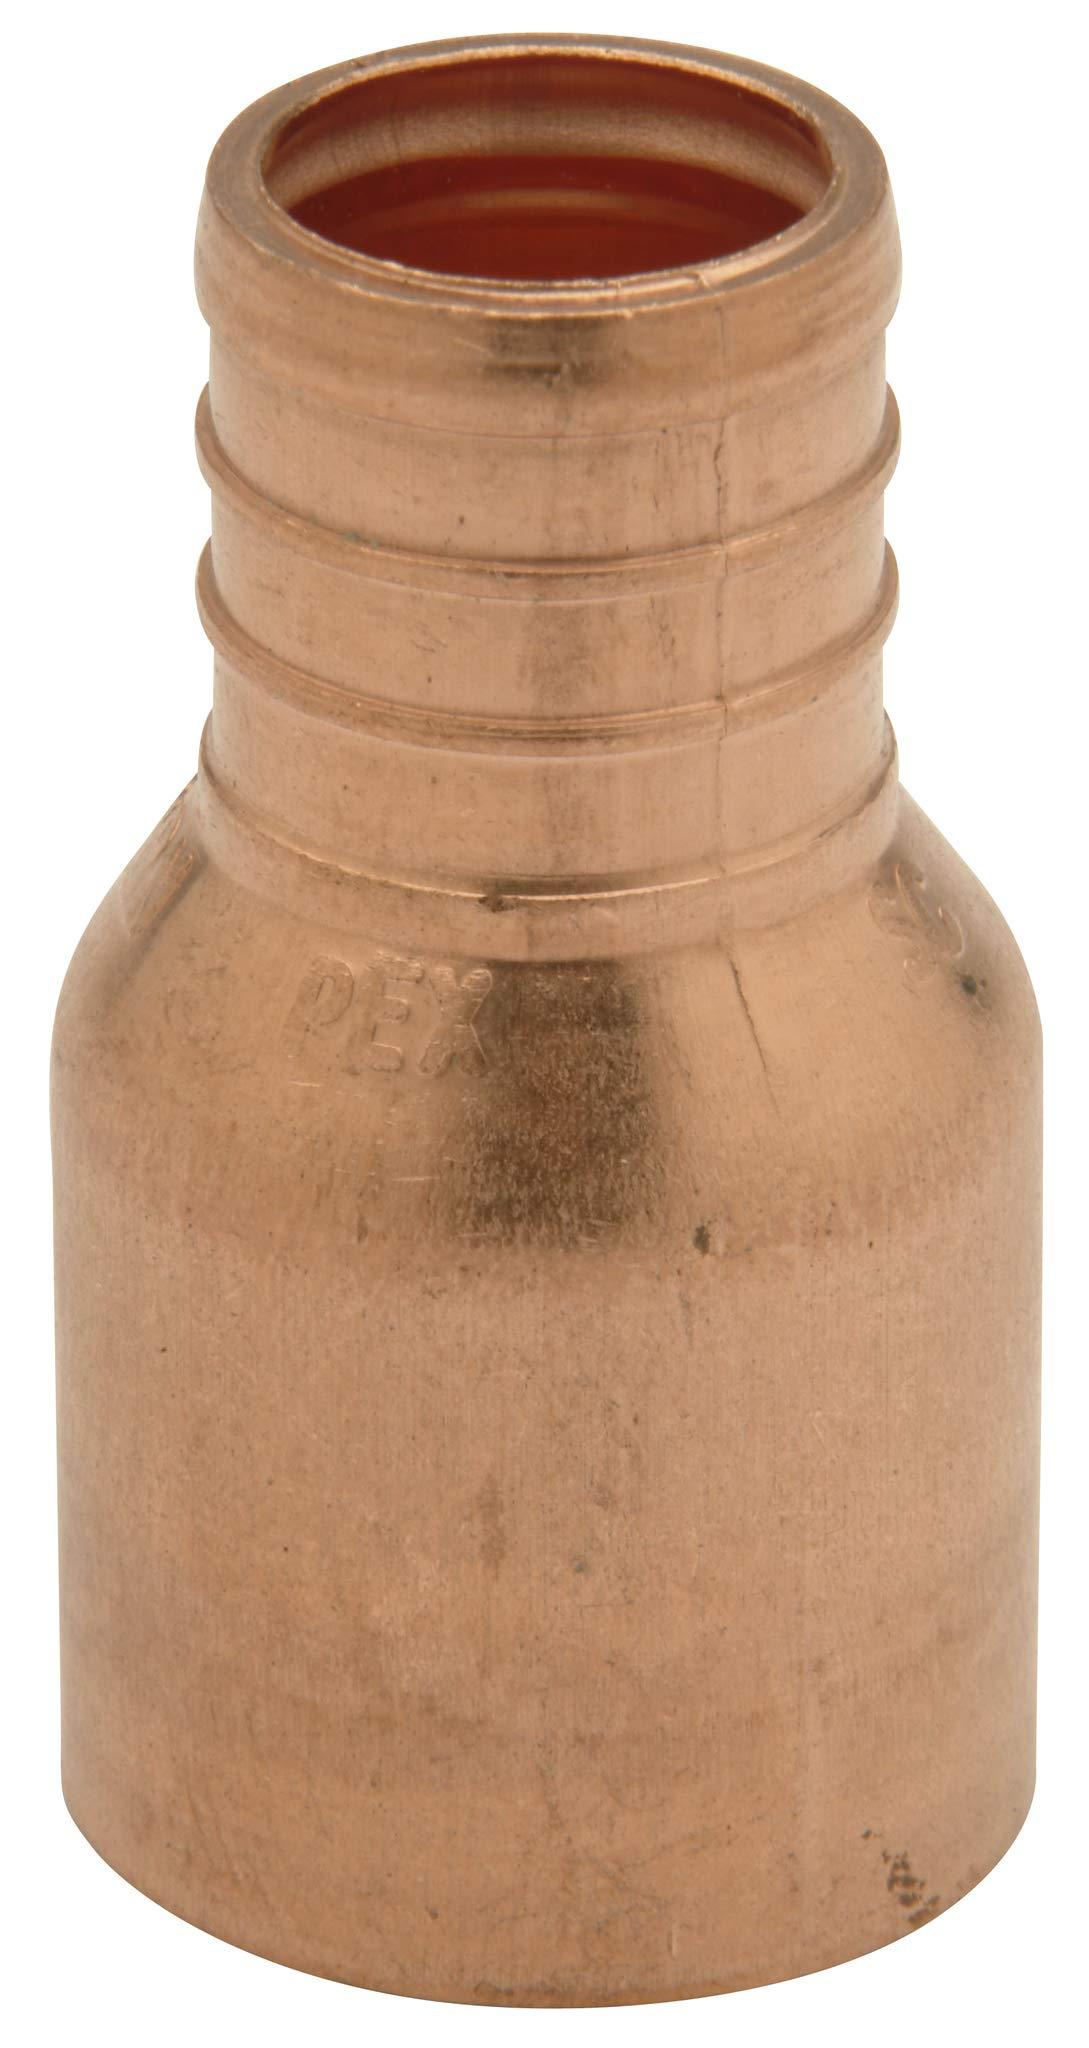 """Zurn QQ775CX Crimp Female Sweat Adapter, Small Diameter, 3/4"""" Female Sweat x 3/4"""" Barb, Copper (Pack of 50)"""